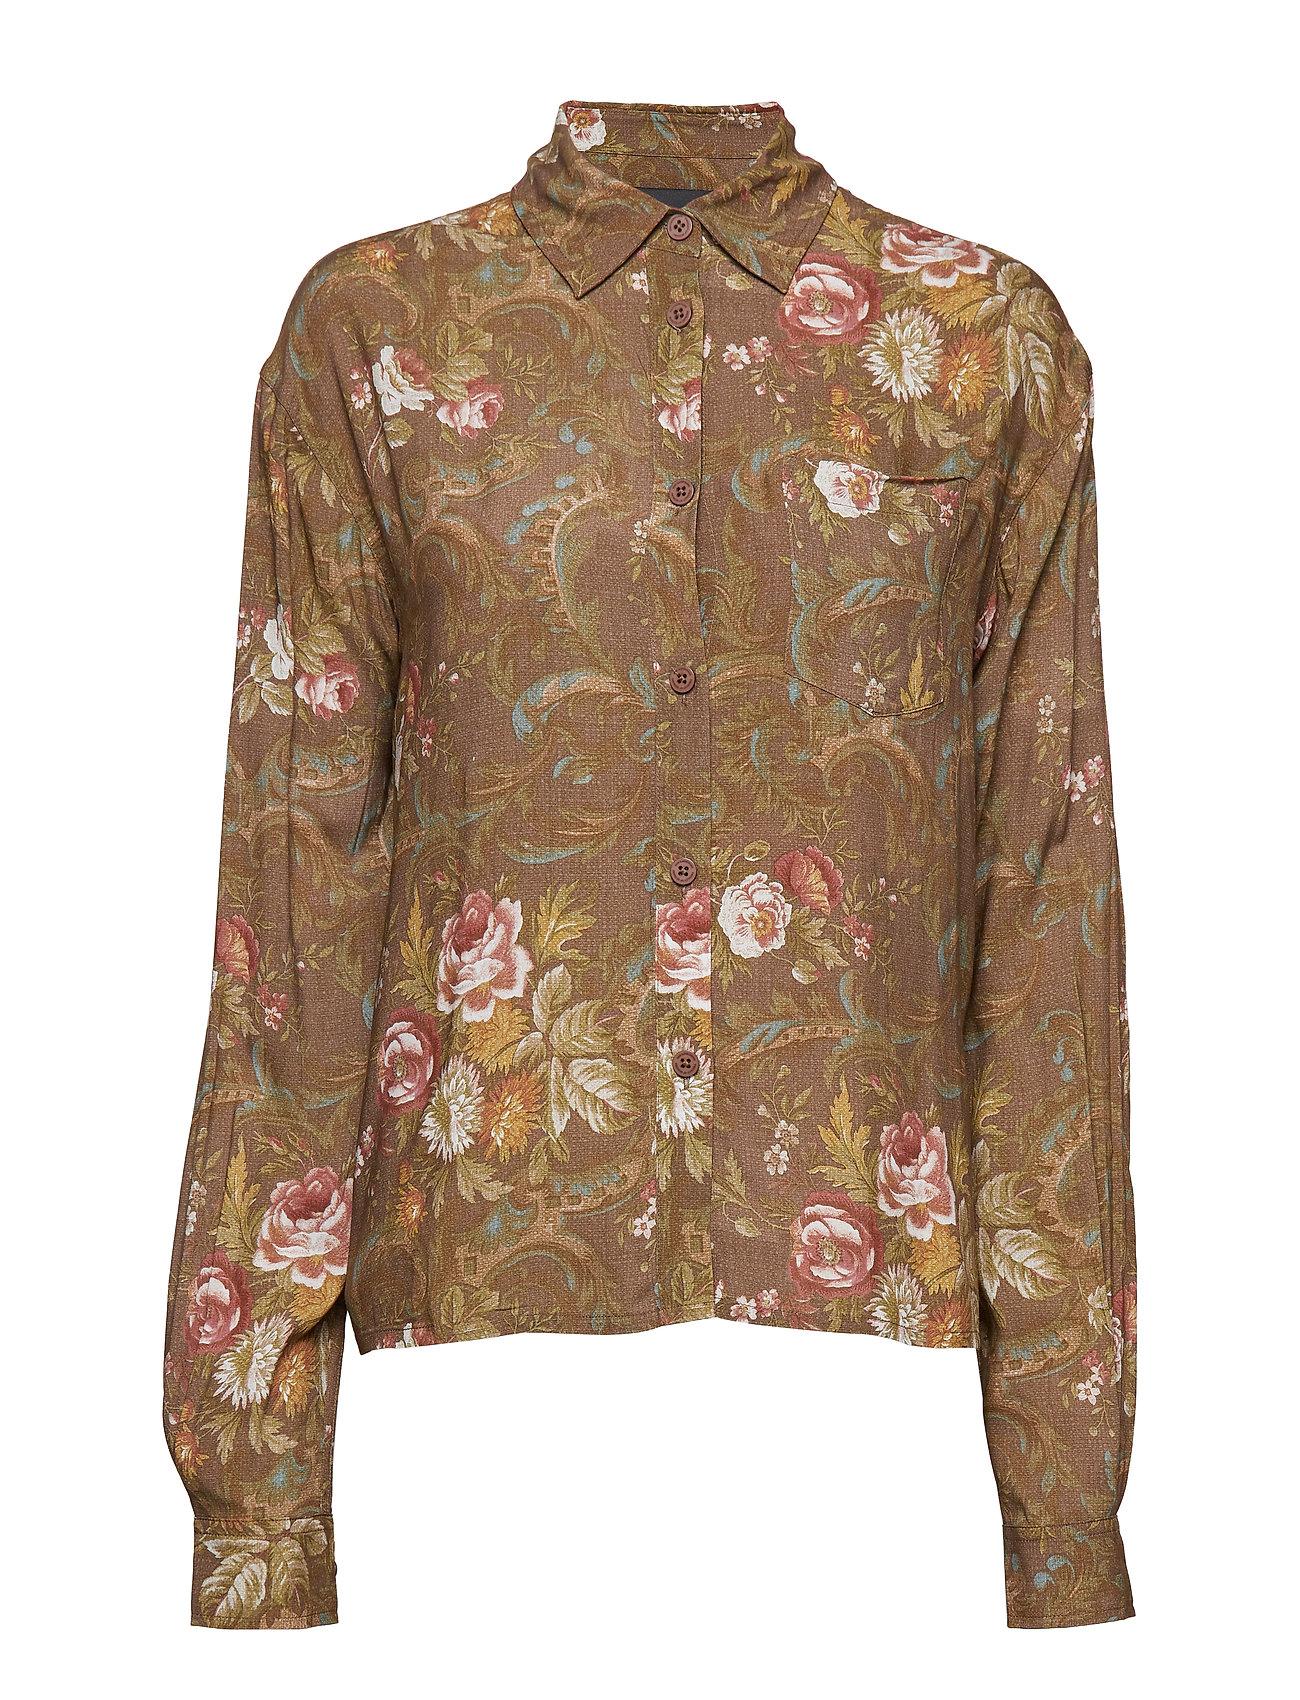 HAN Kjøbenhavn Box Shirt - BROWN FLOWERS